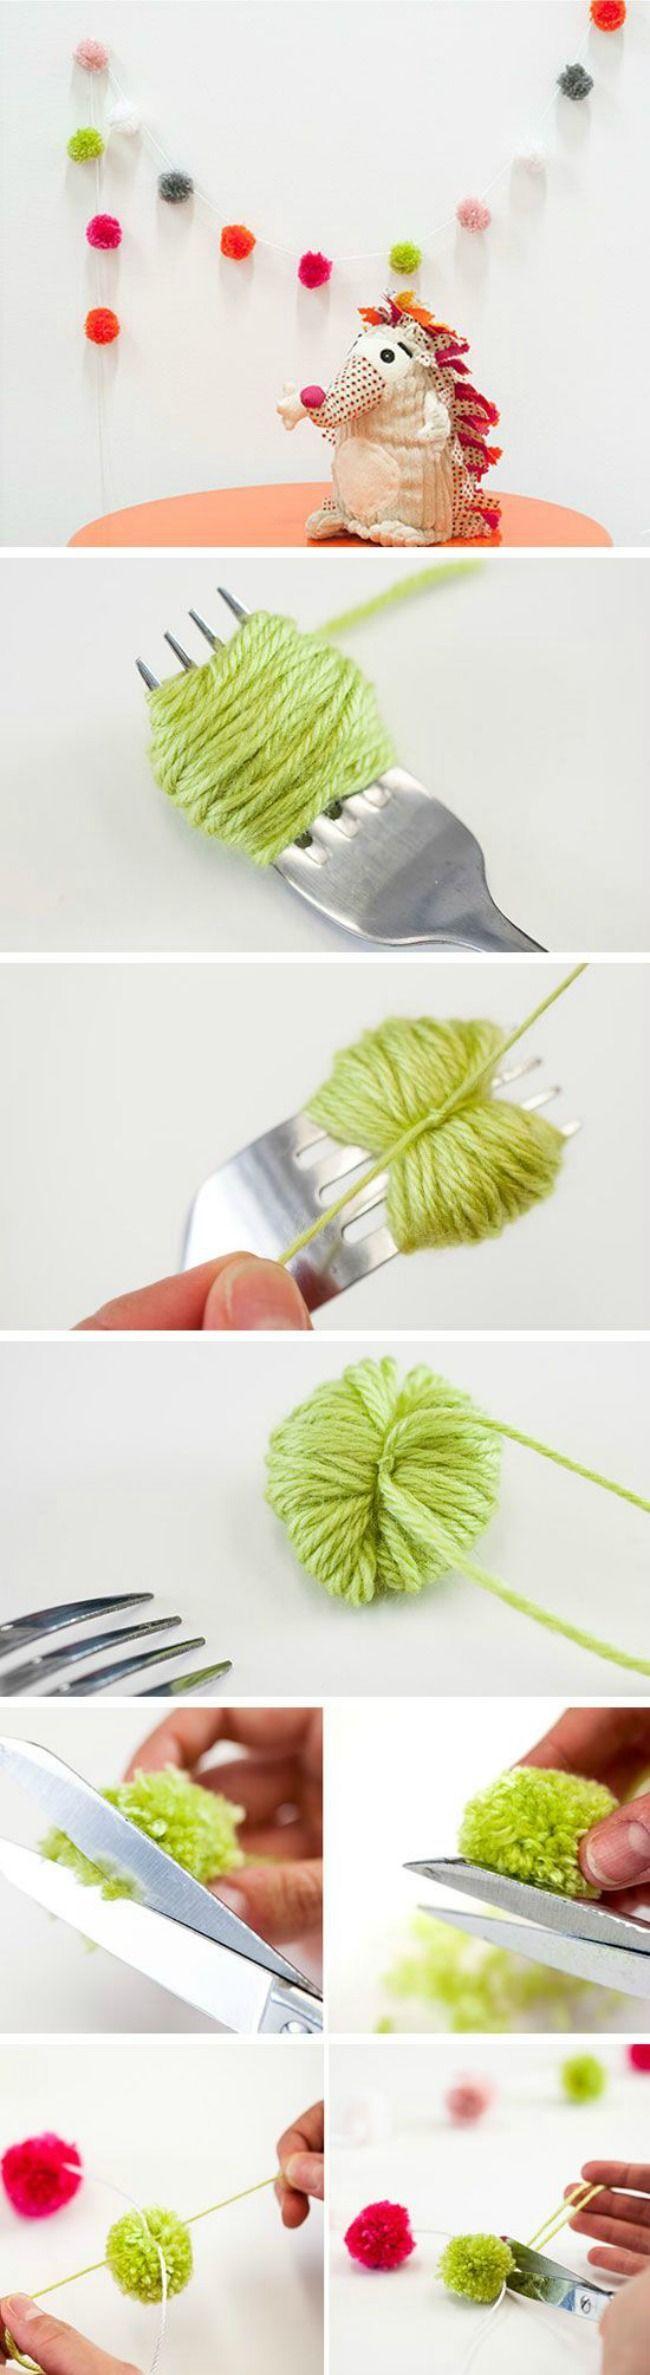 How to make a pom pom  ..♥♥..                                                                                                                                                                                 More